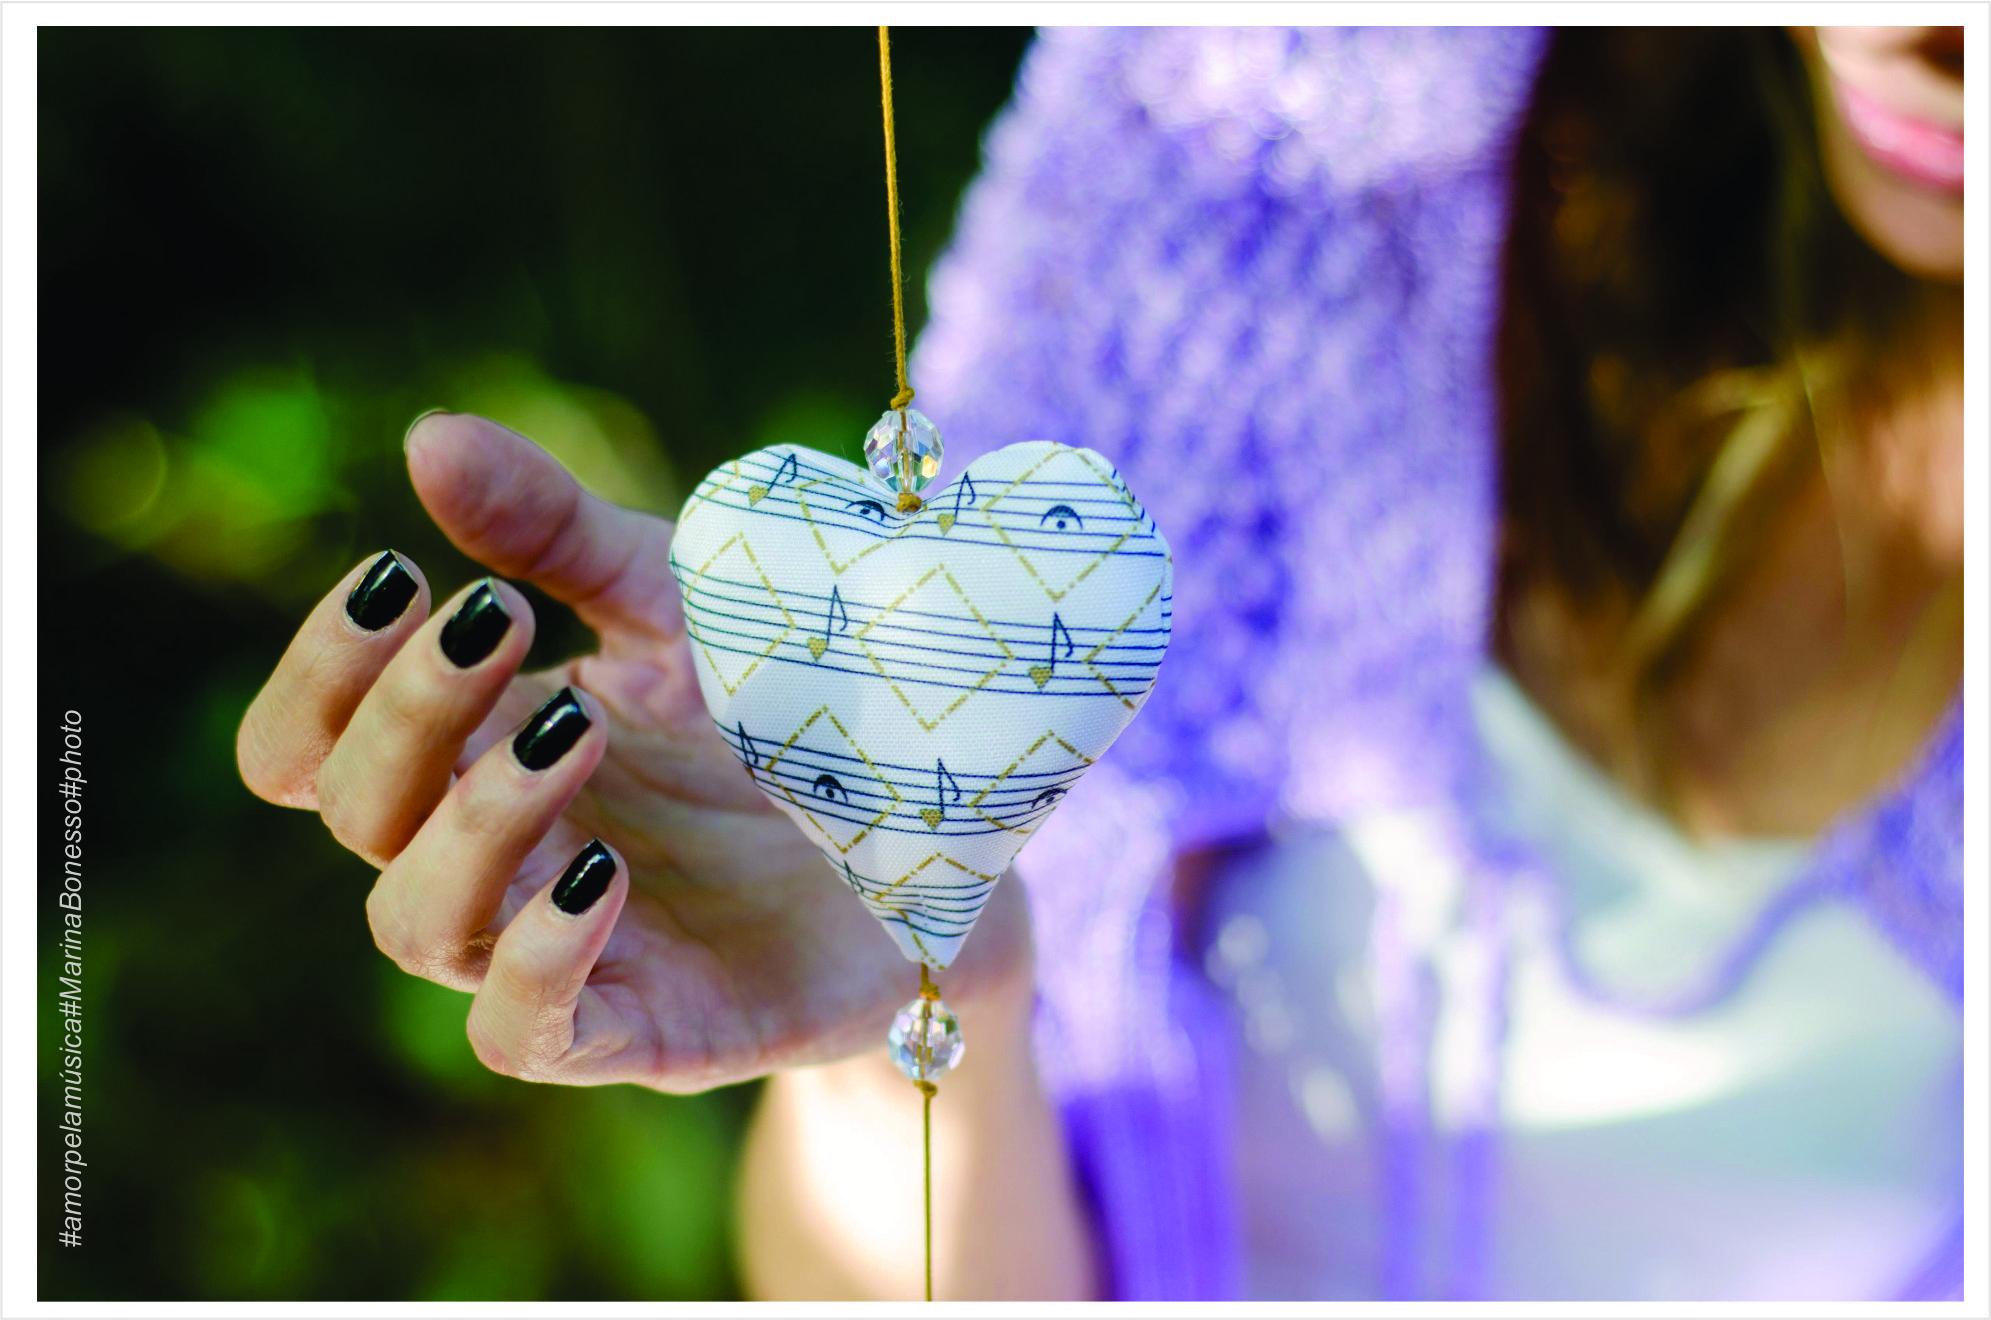 Estampando o Amor pela Música!